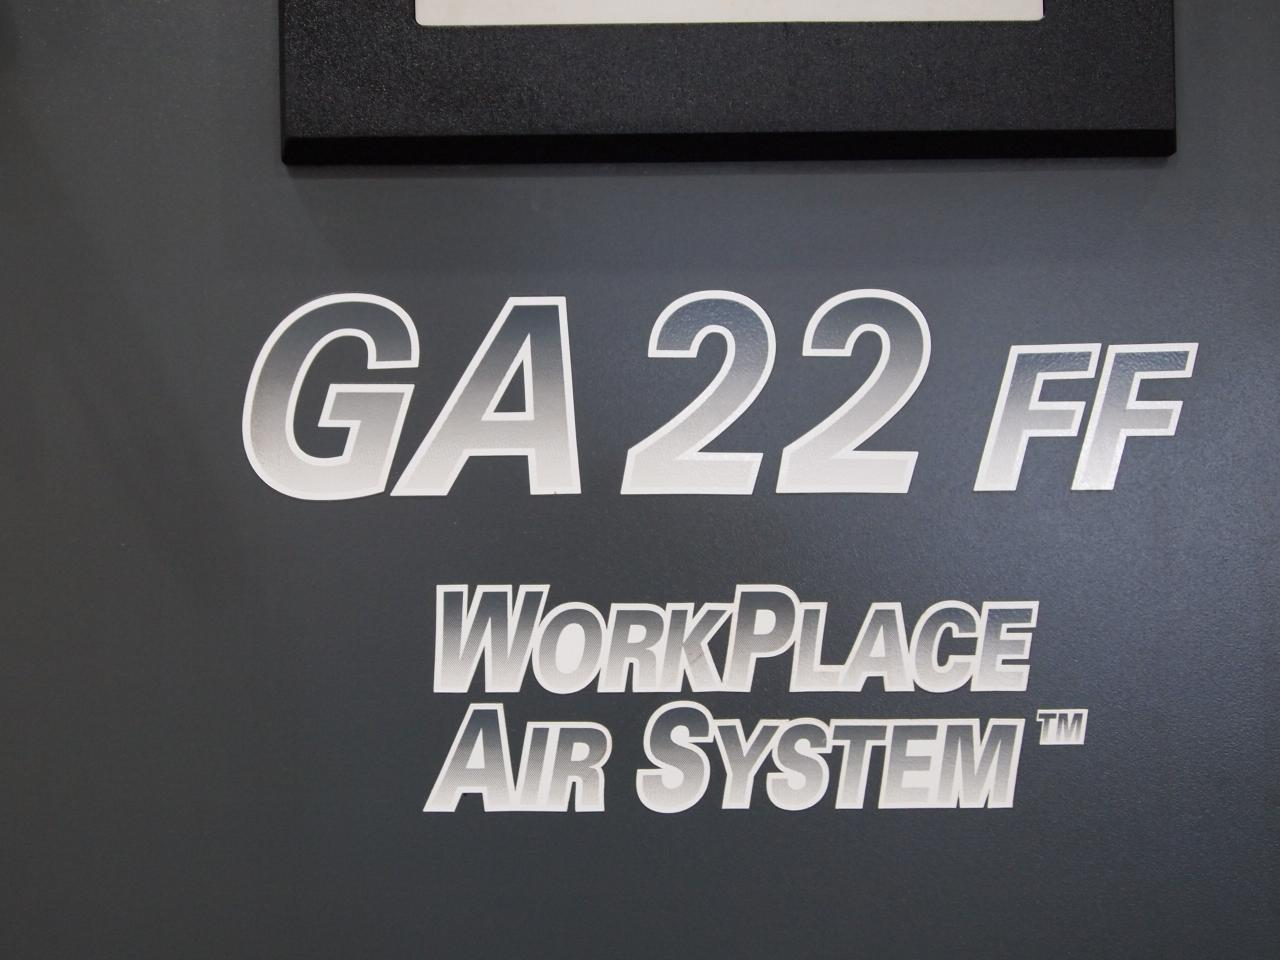 GA22FF型式表示